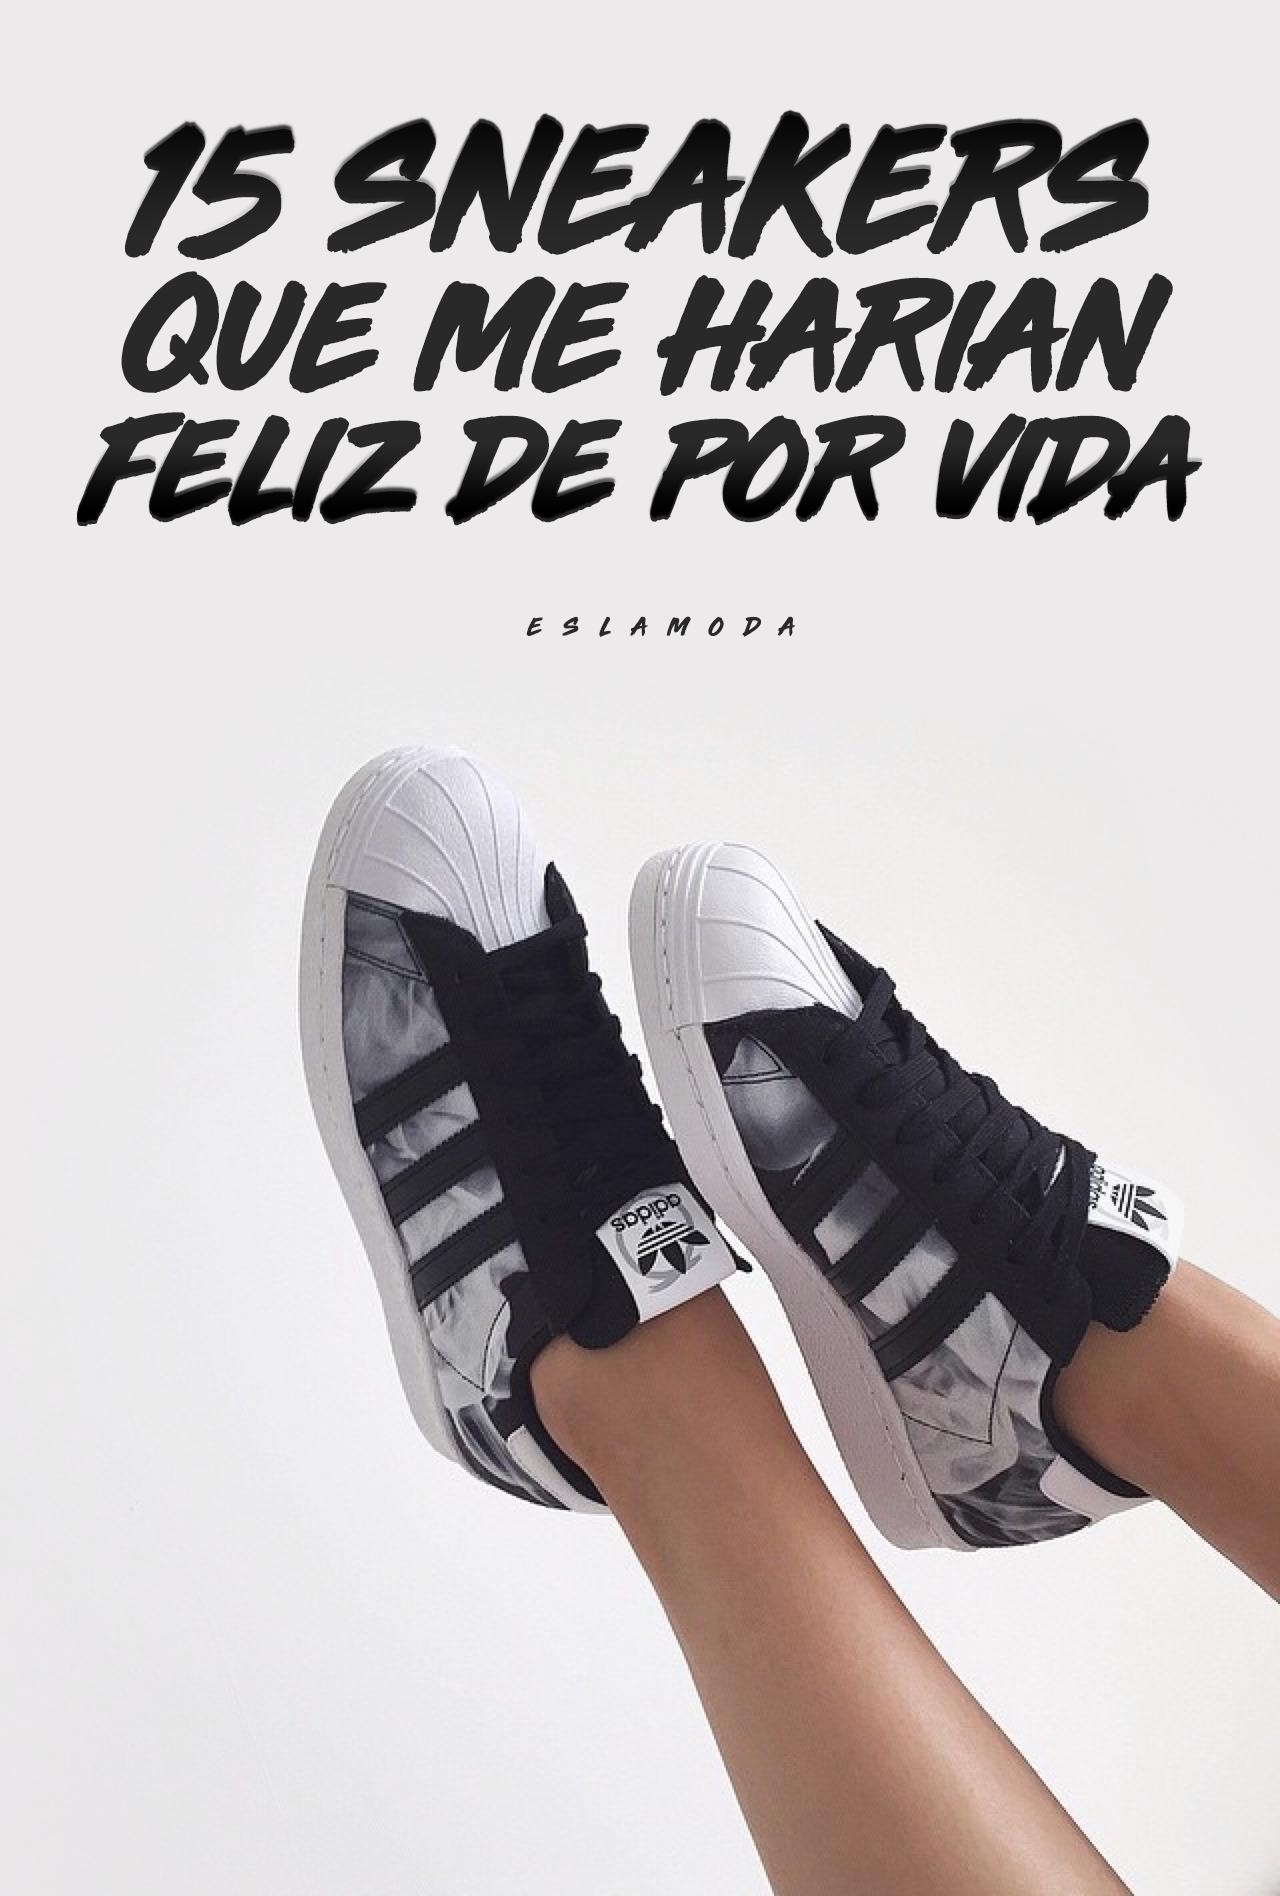 15 En Vida De Tenis Me Feliz Harían Que Zapatos 2019 Por 1r1q8wPg